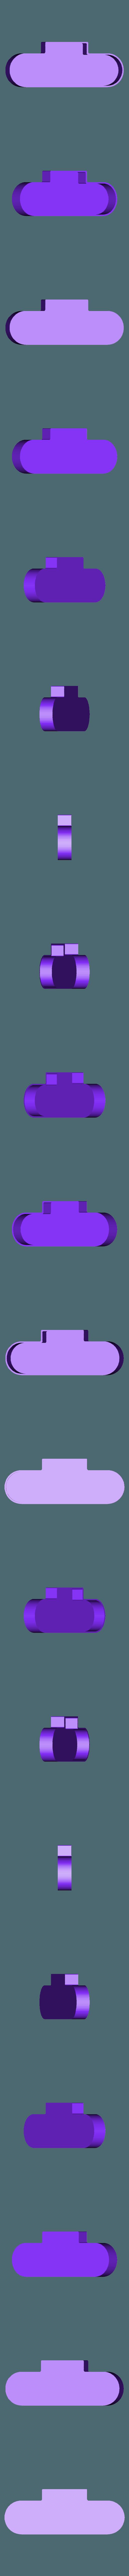 Brio_Cover.stl Download free STL file Logitech Brio Cover • 3D printer design, Desktop_Makes